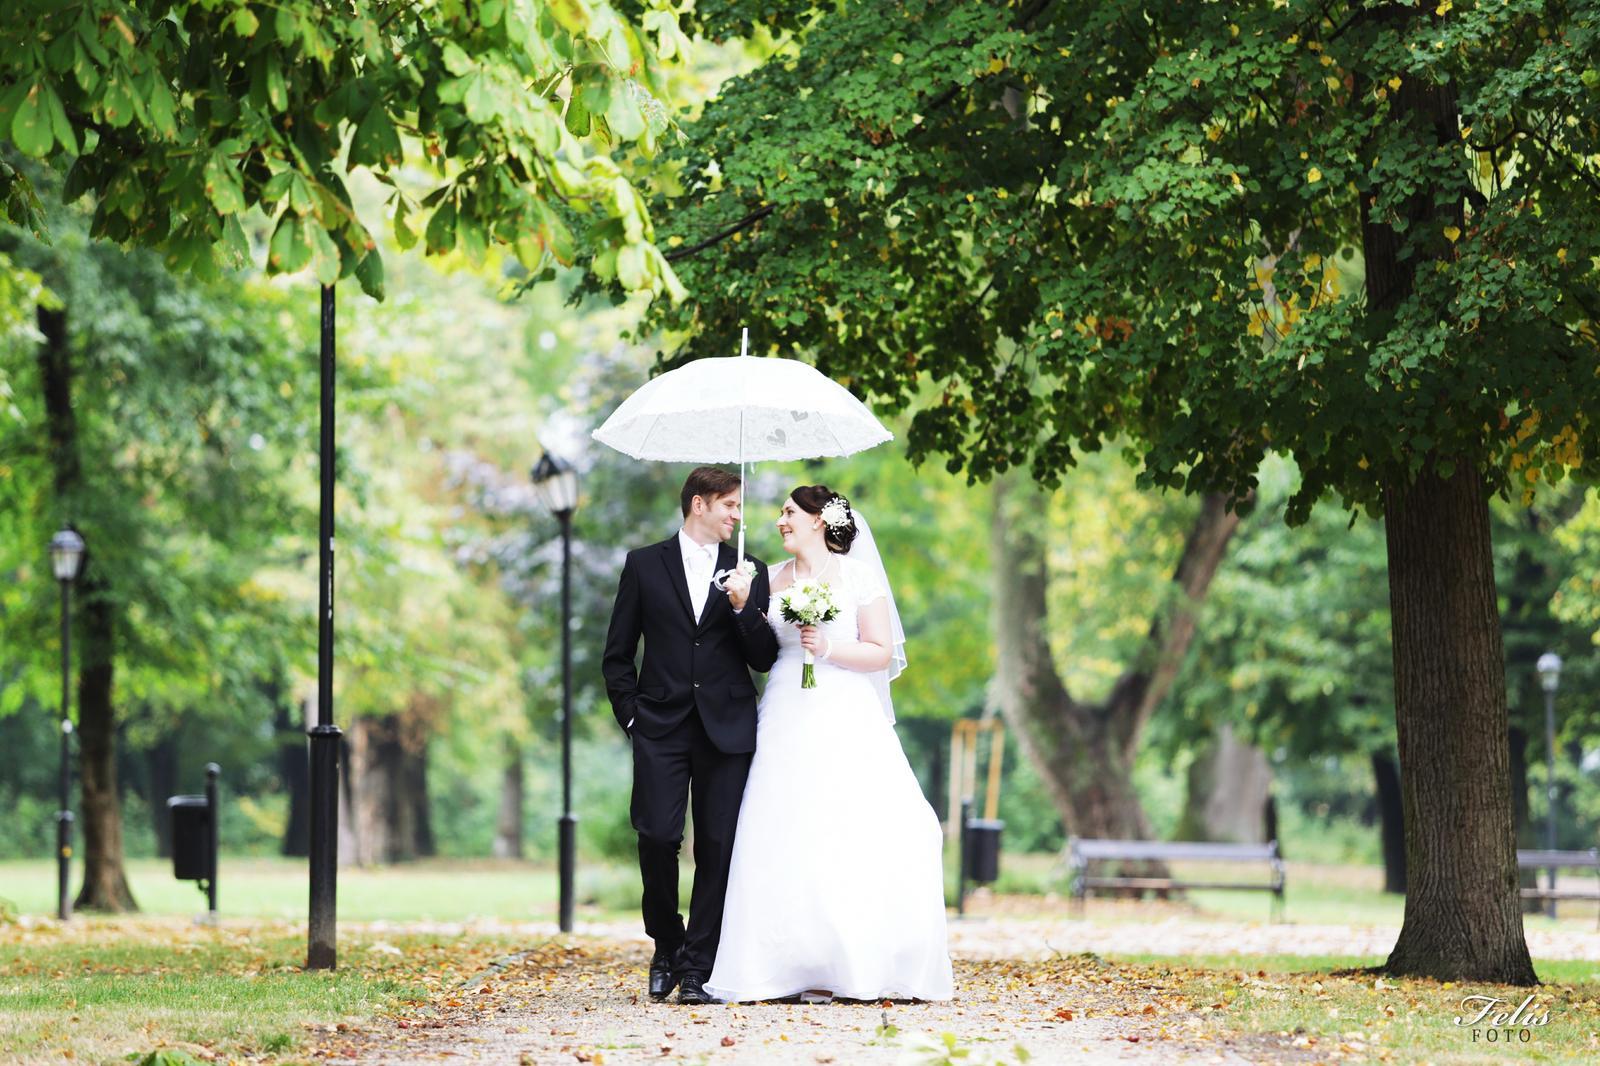 Svadby odohrate 2015-2016.... - Obrázok č. 1